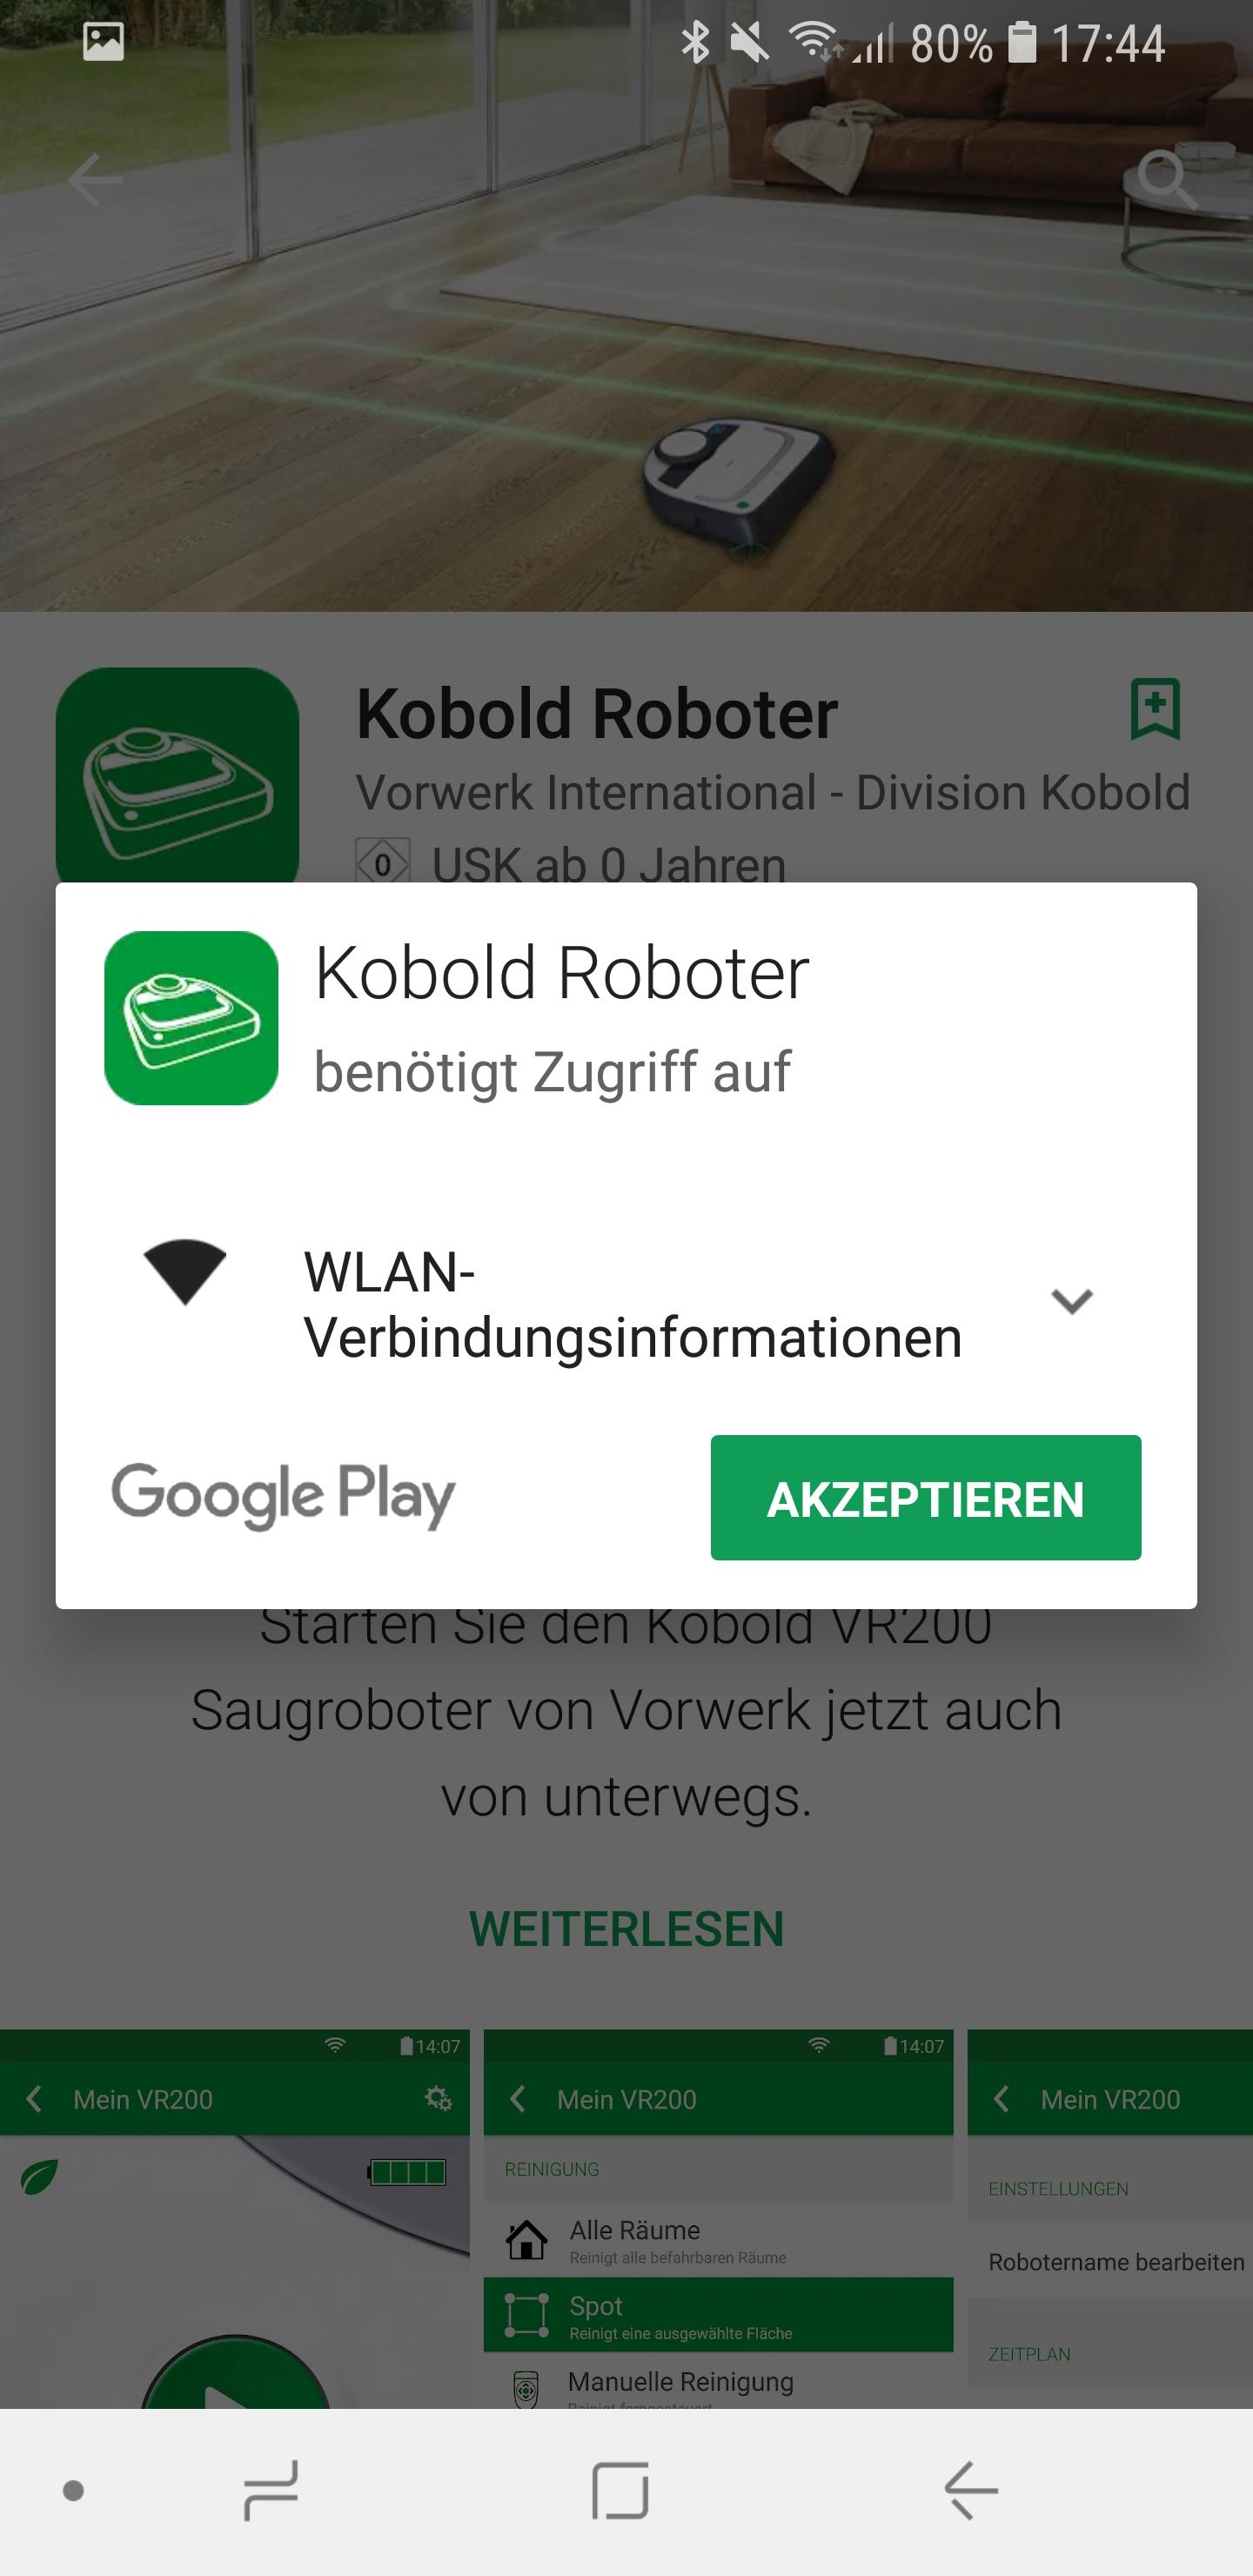 Vorwerk Kobold App installieren und Account einrichten 02